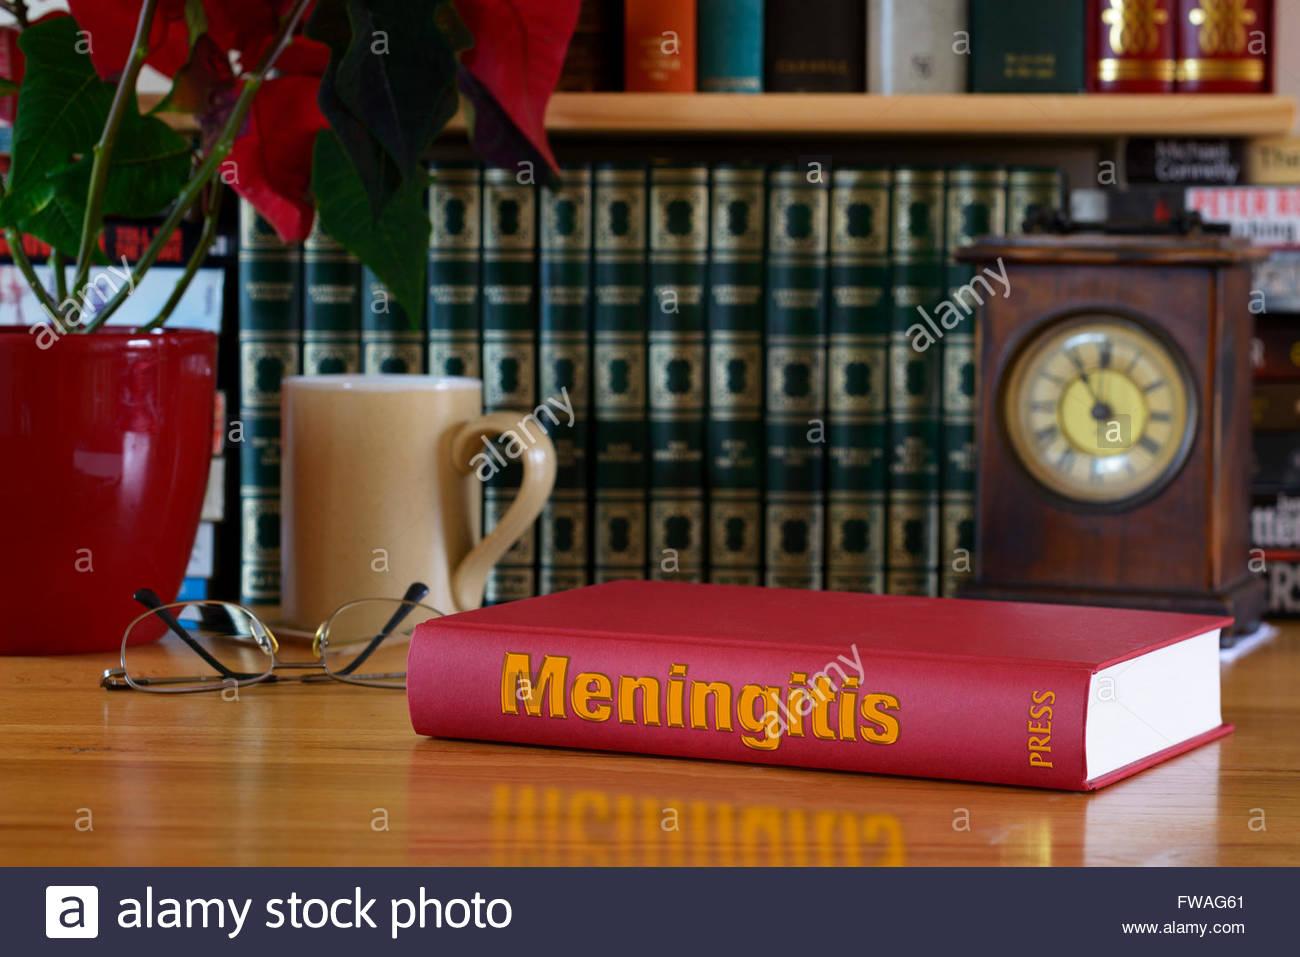 Meningitis book title on desk, England - Stock Image